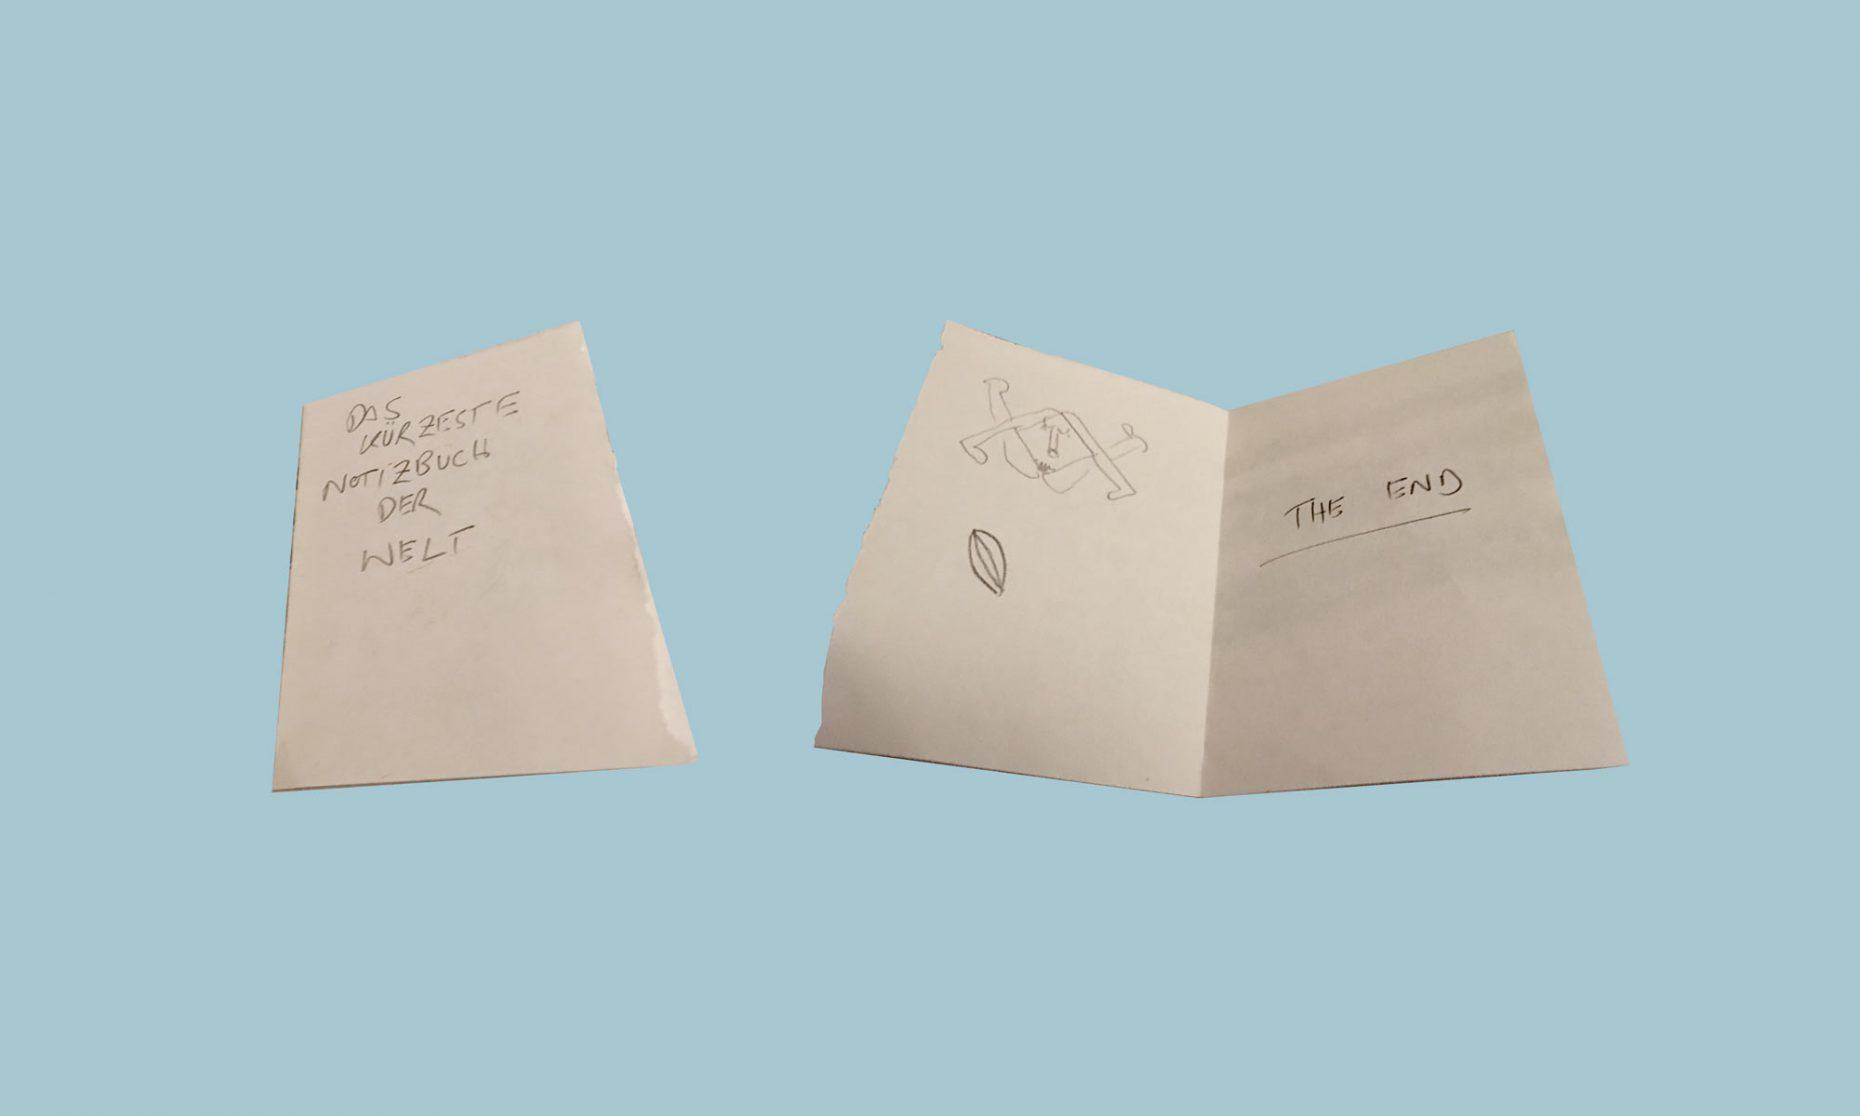 Das kürzeste Notizbuch der Welt